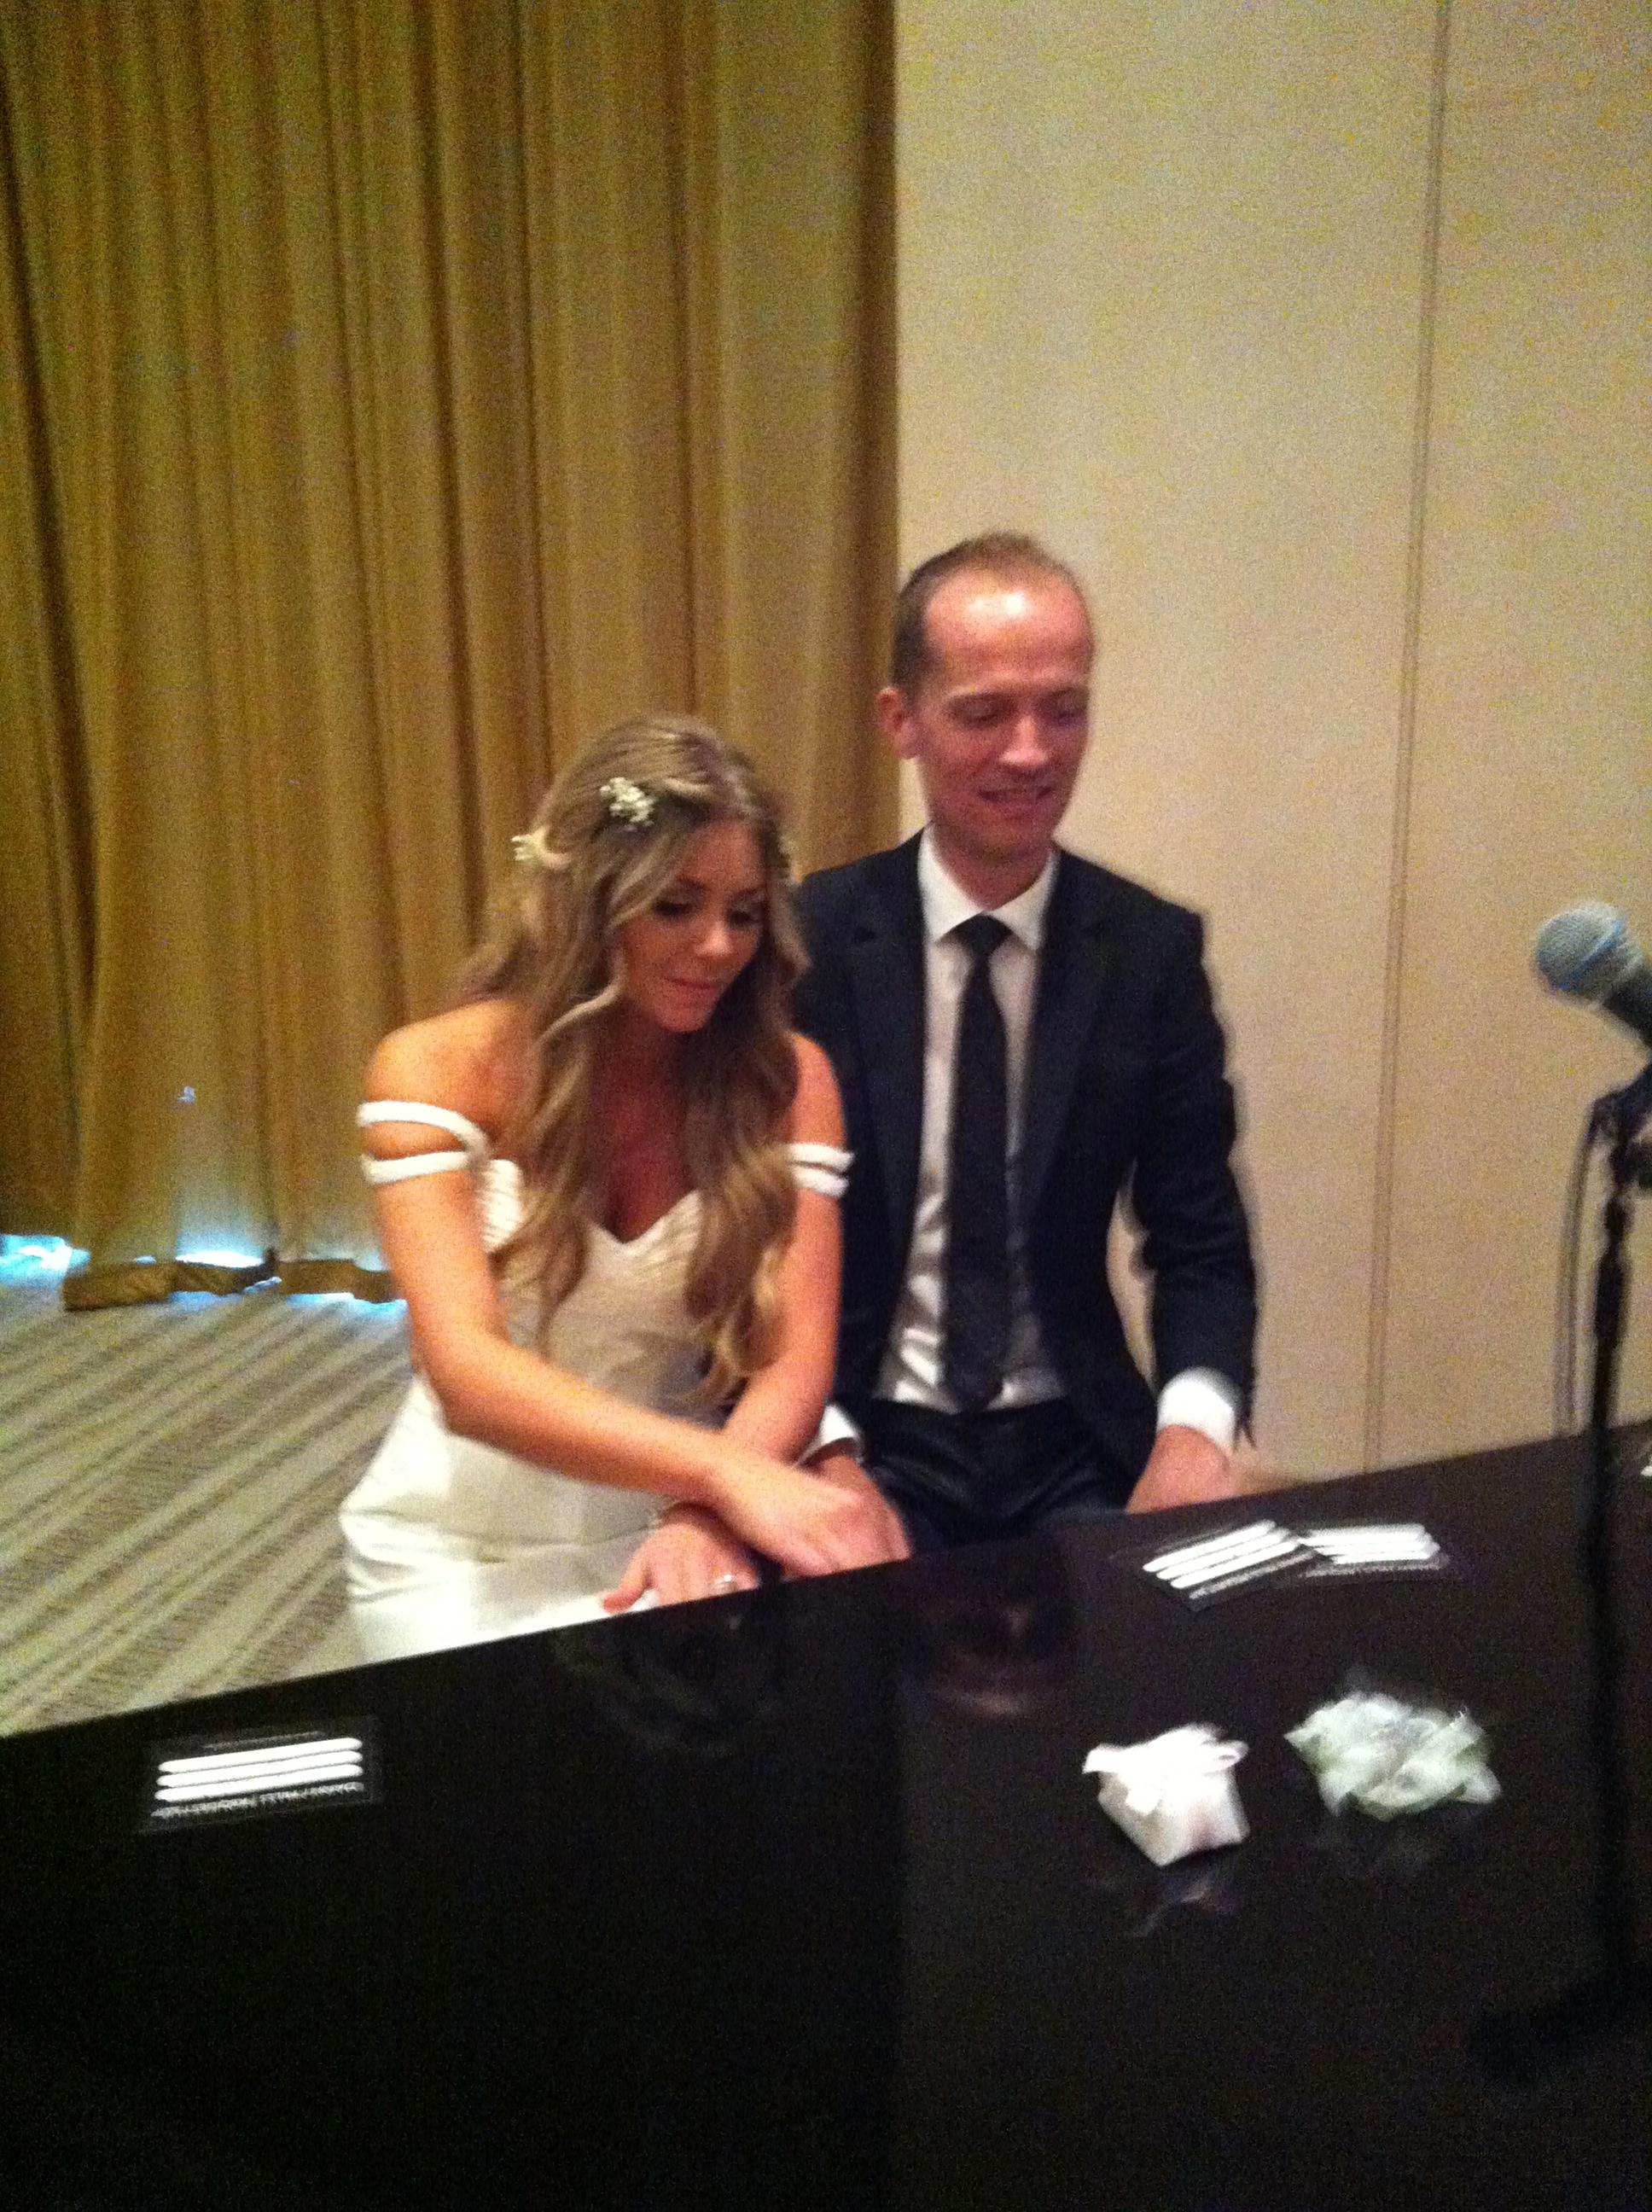 Brides impromptu singing